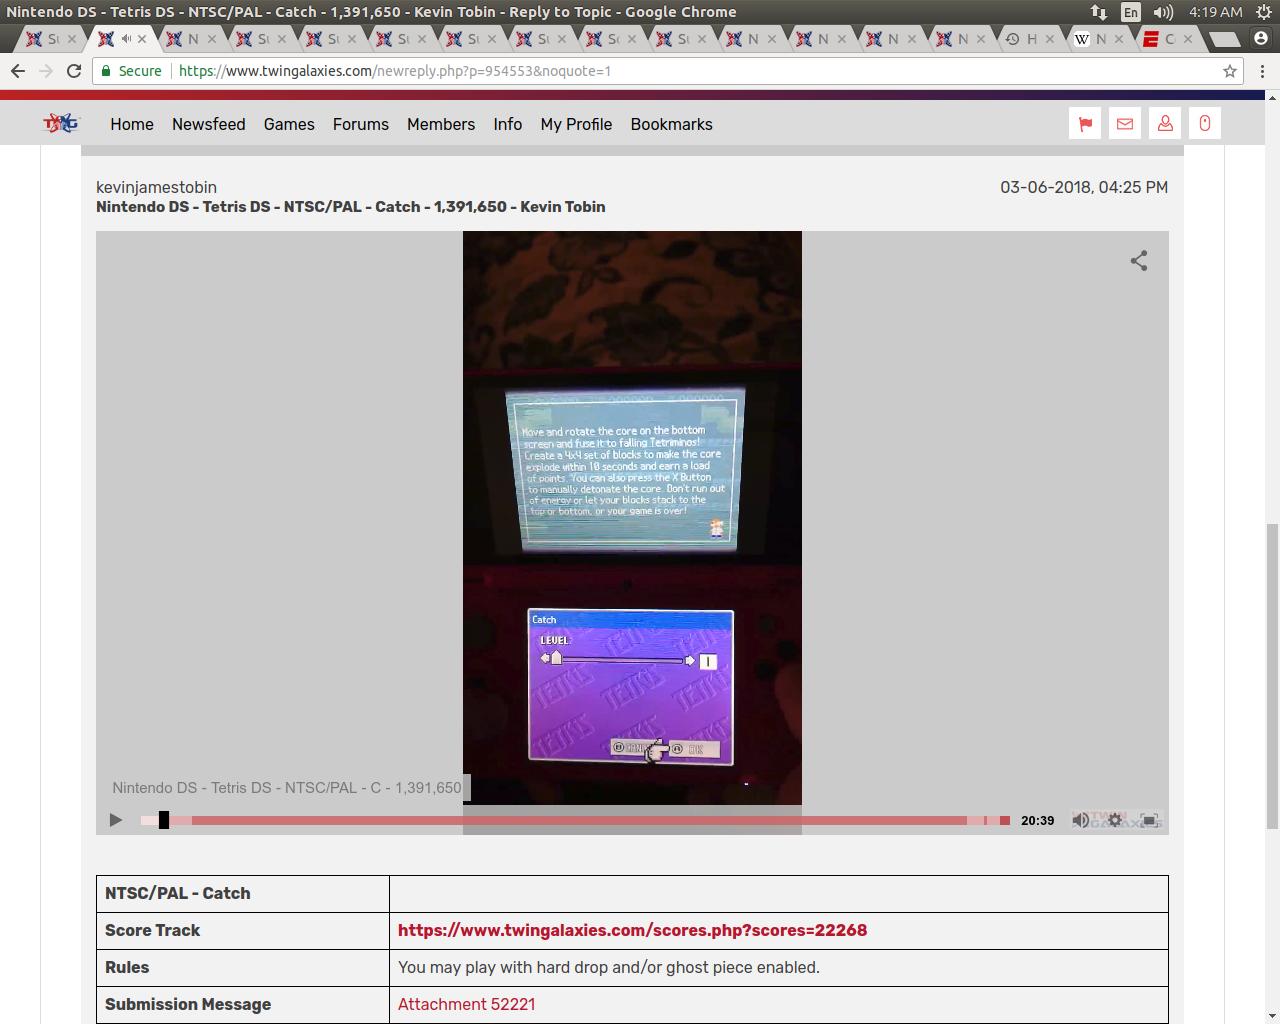 Nintendo DS - Tetris DS - NTSC/PAL - Catch - 1,391,650